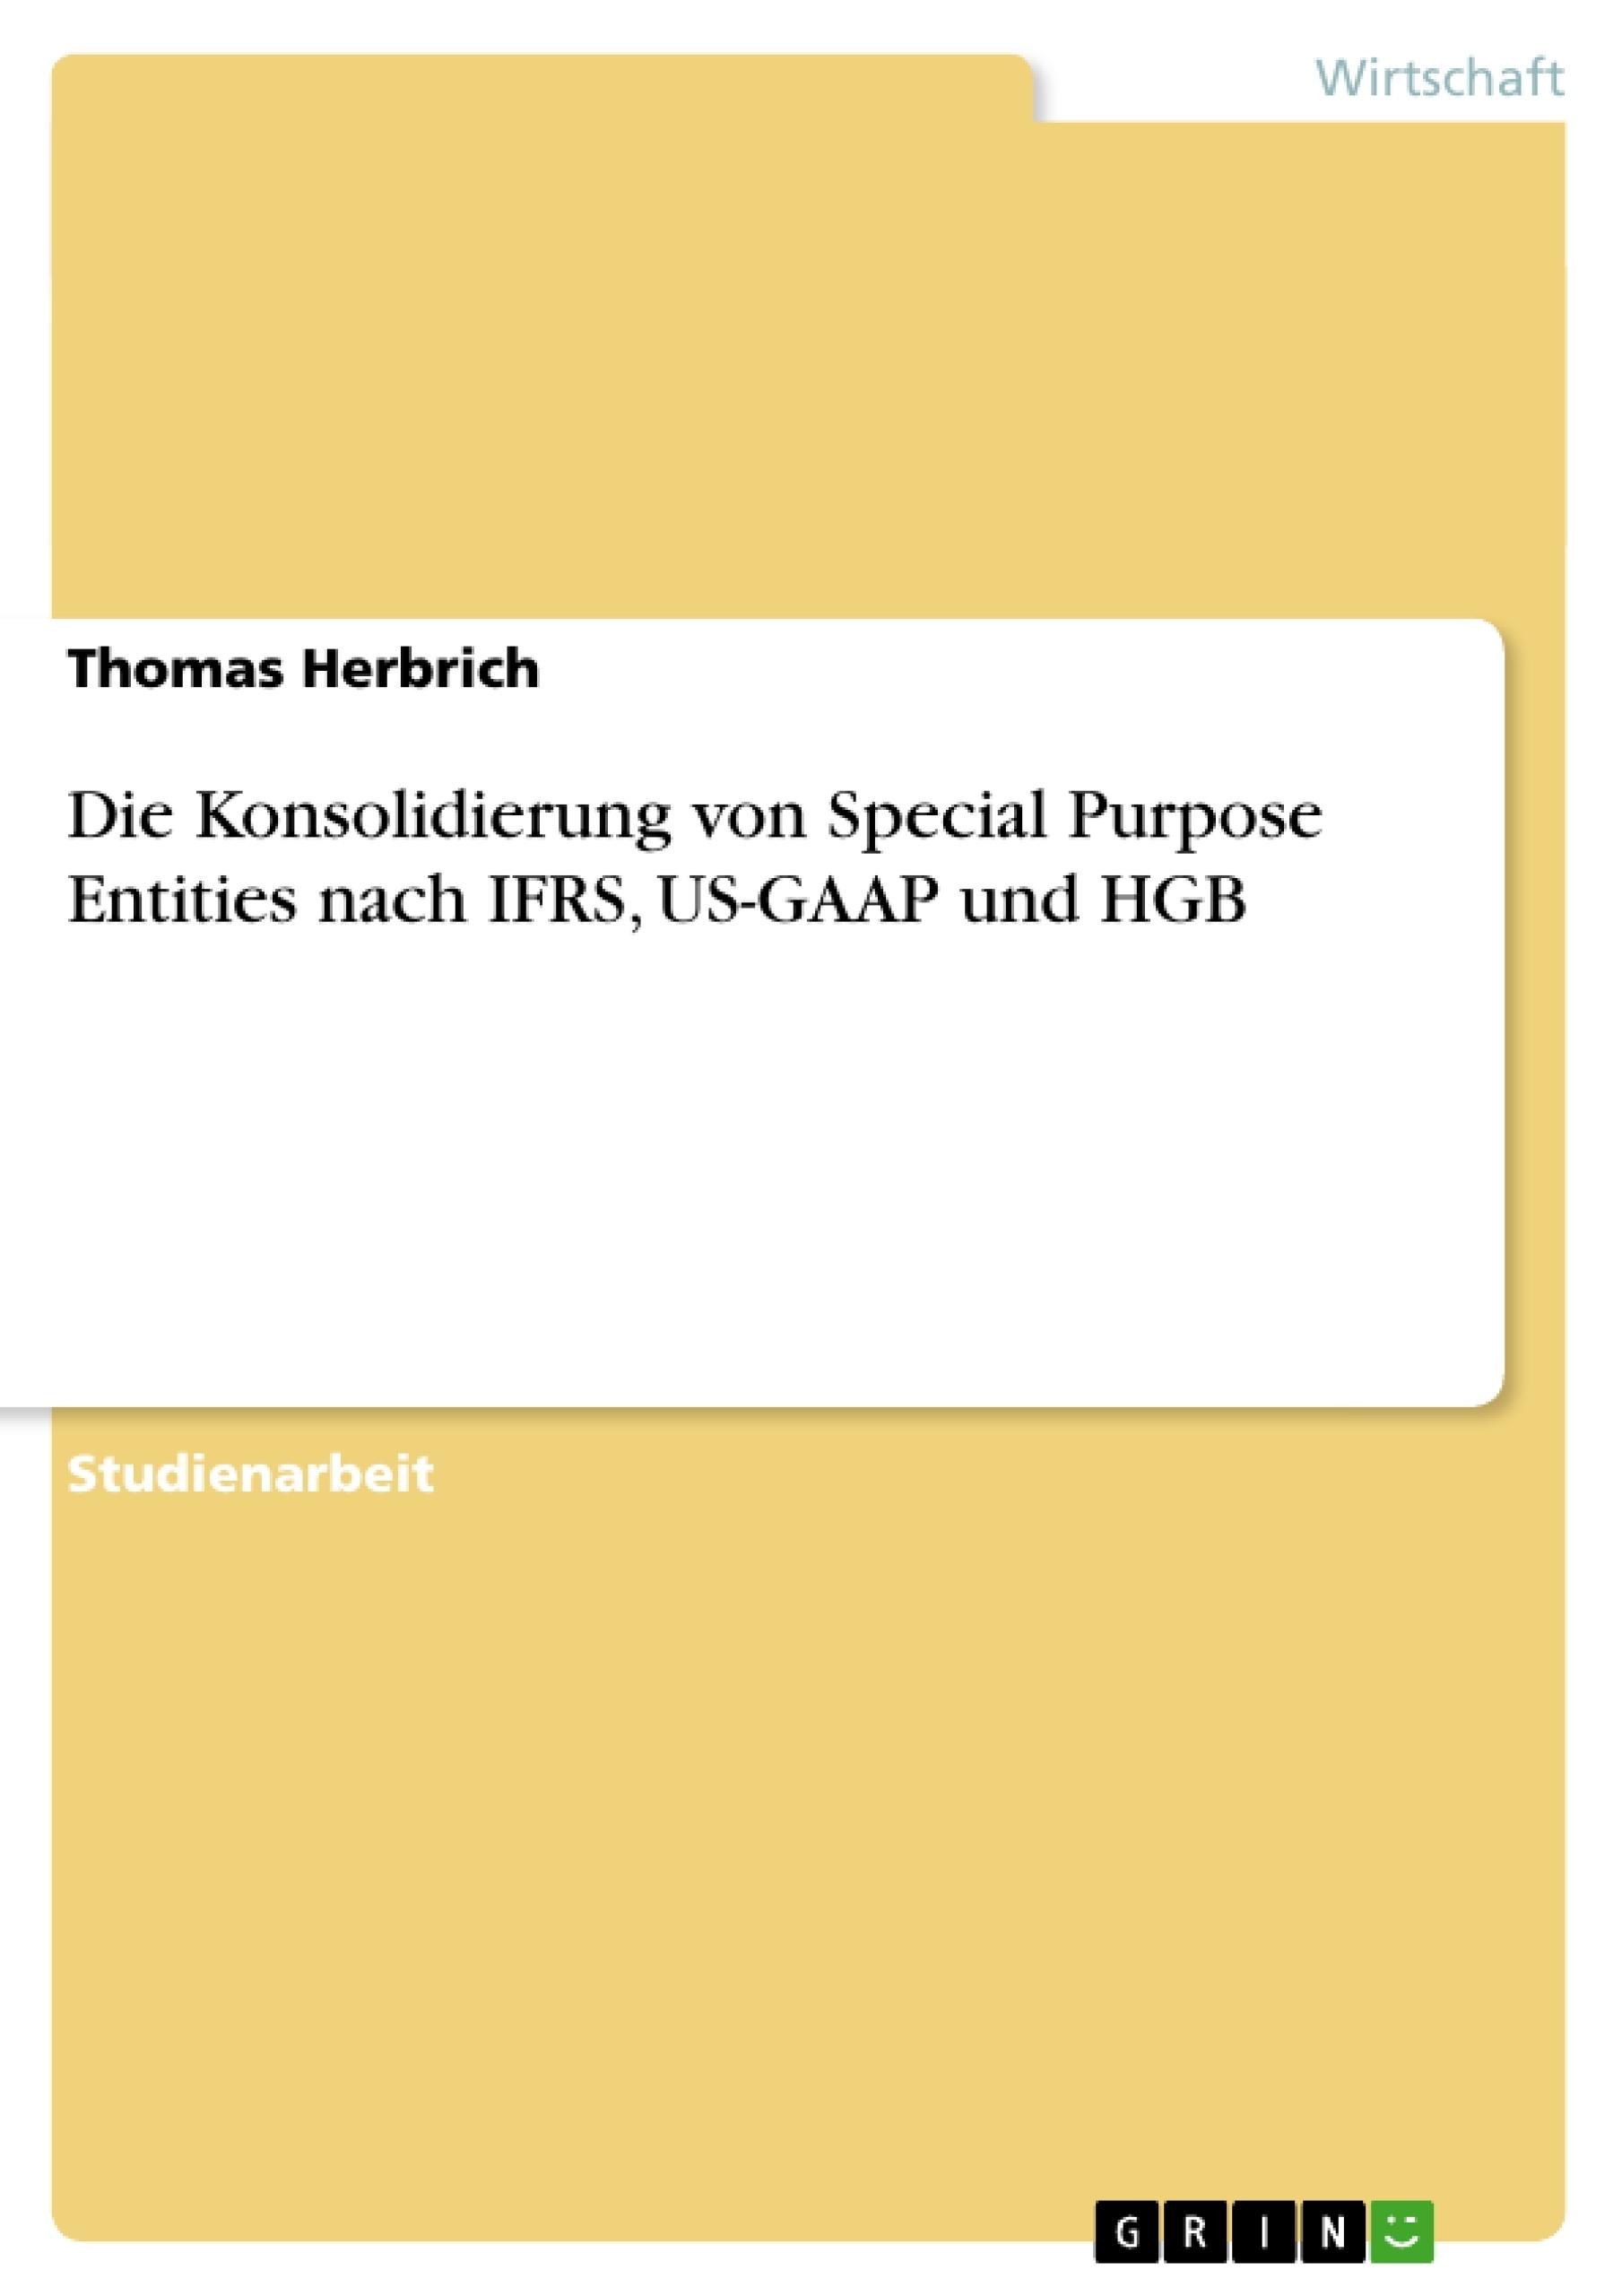 Titel: Die Konsolidierung von Special Purpose Entities nach IFRS, US-GAAP und HGB